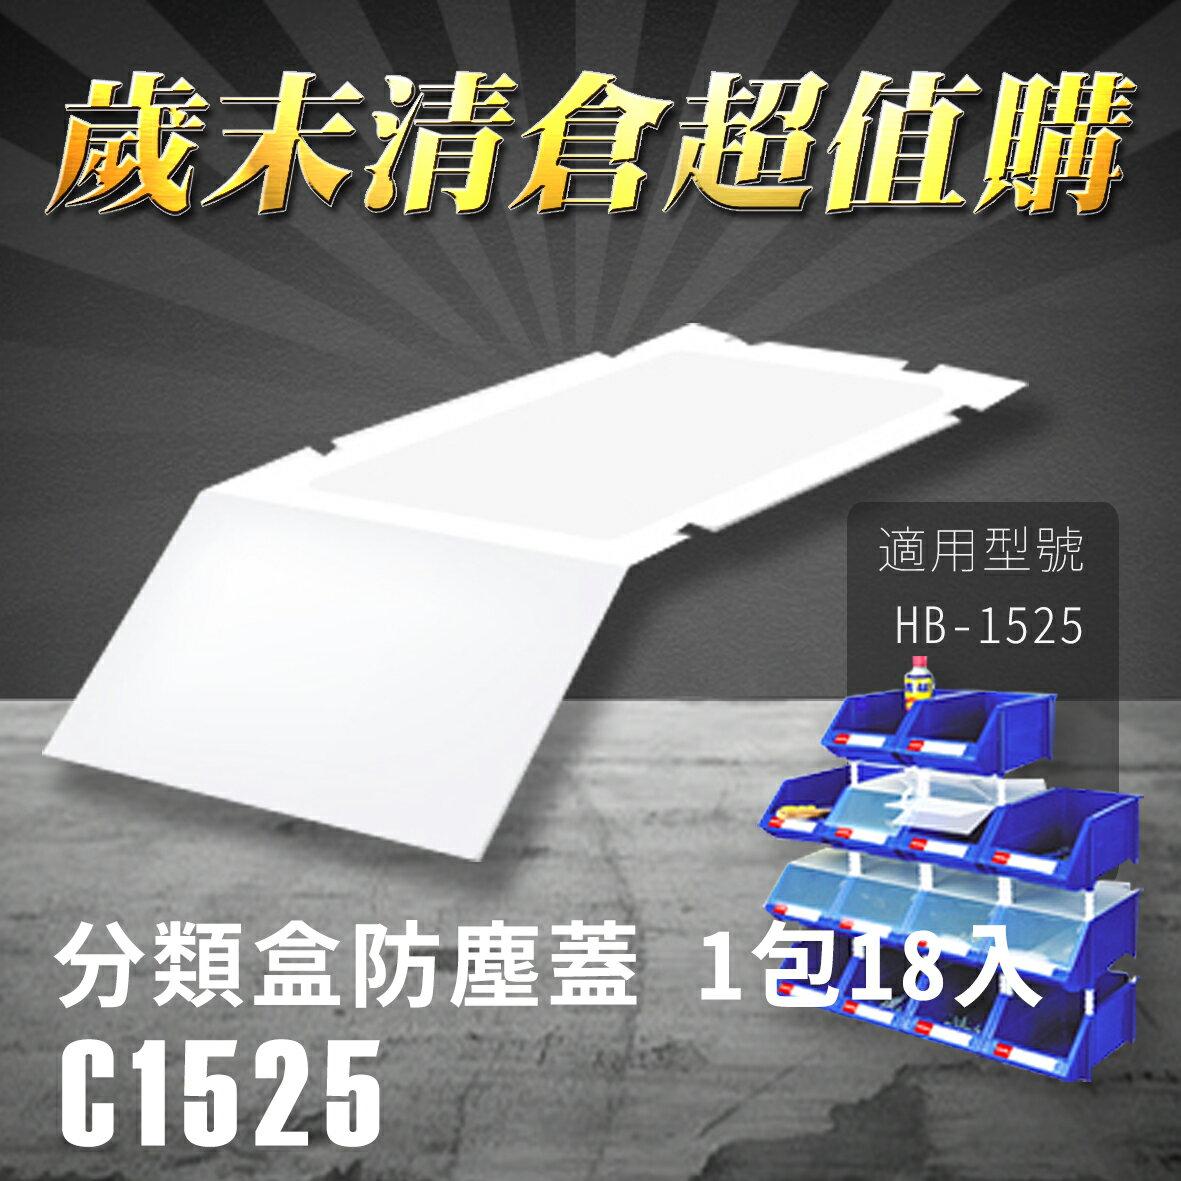 【耐衝擊分類整理盒】 樹德 防塵蓋 C-1525 (18入/包)HB-1525專用 彈簧固定設計